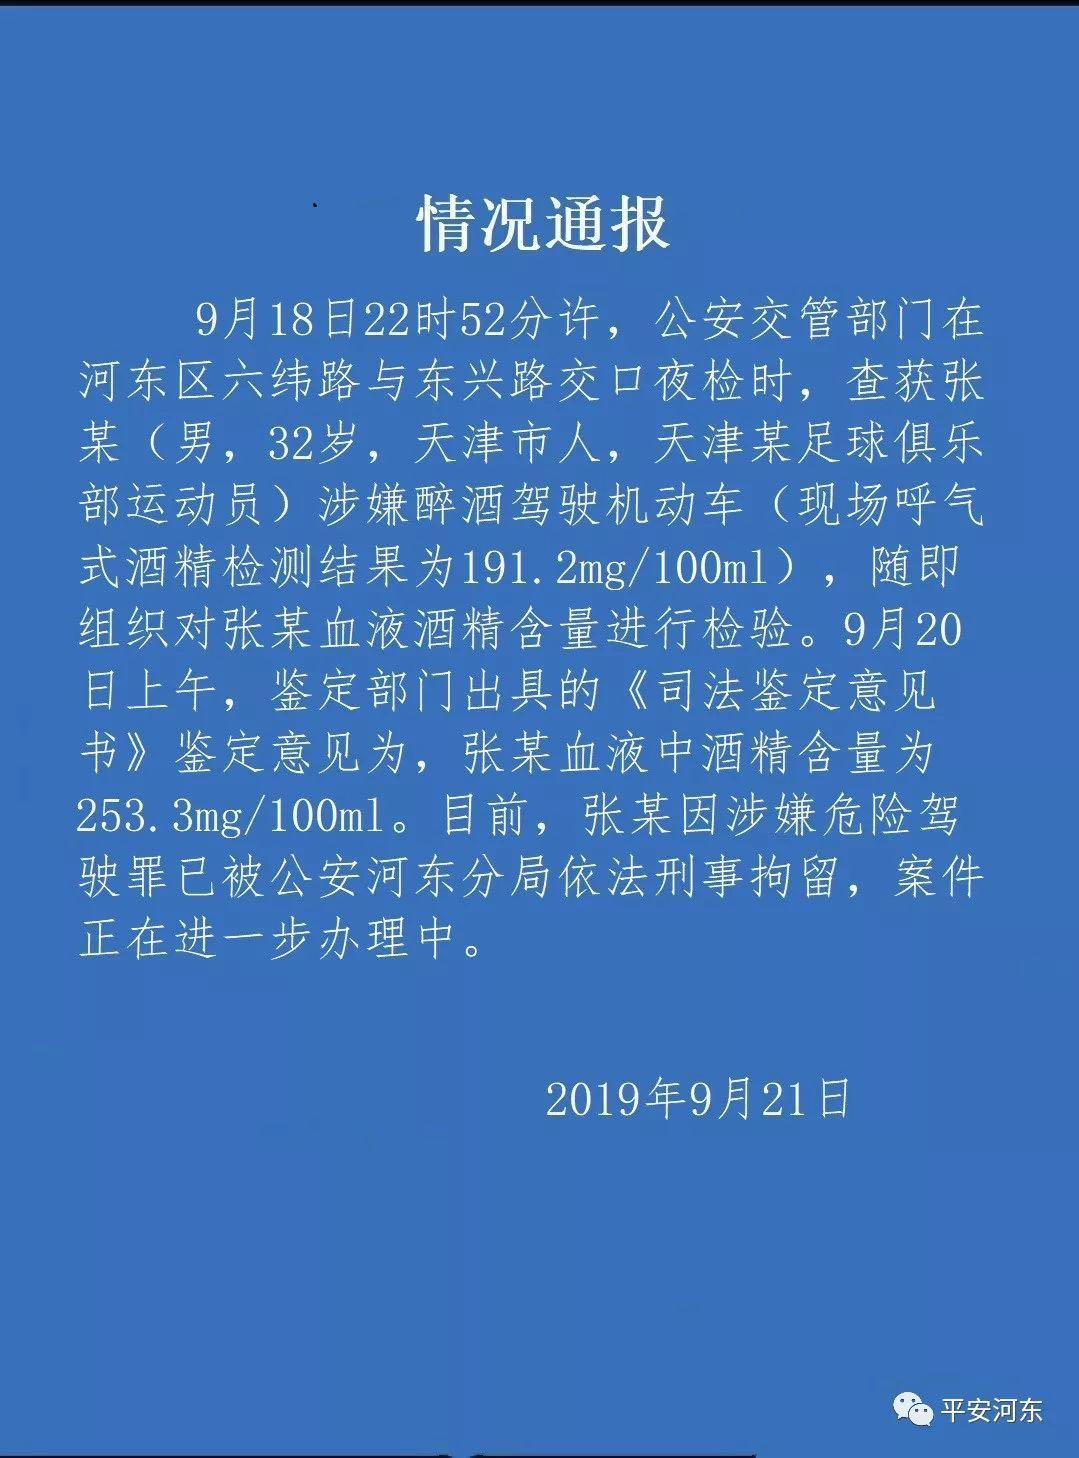 来京参加国庆活动光头刘Sir:身为中国人无比骄傲